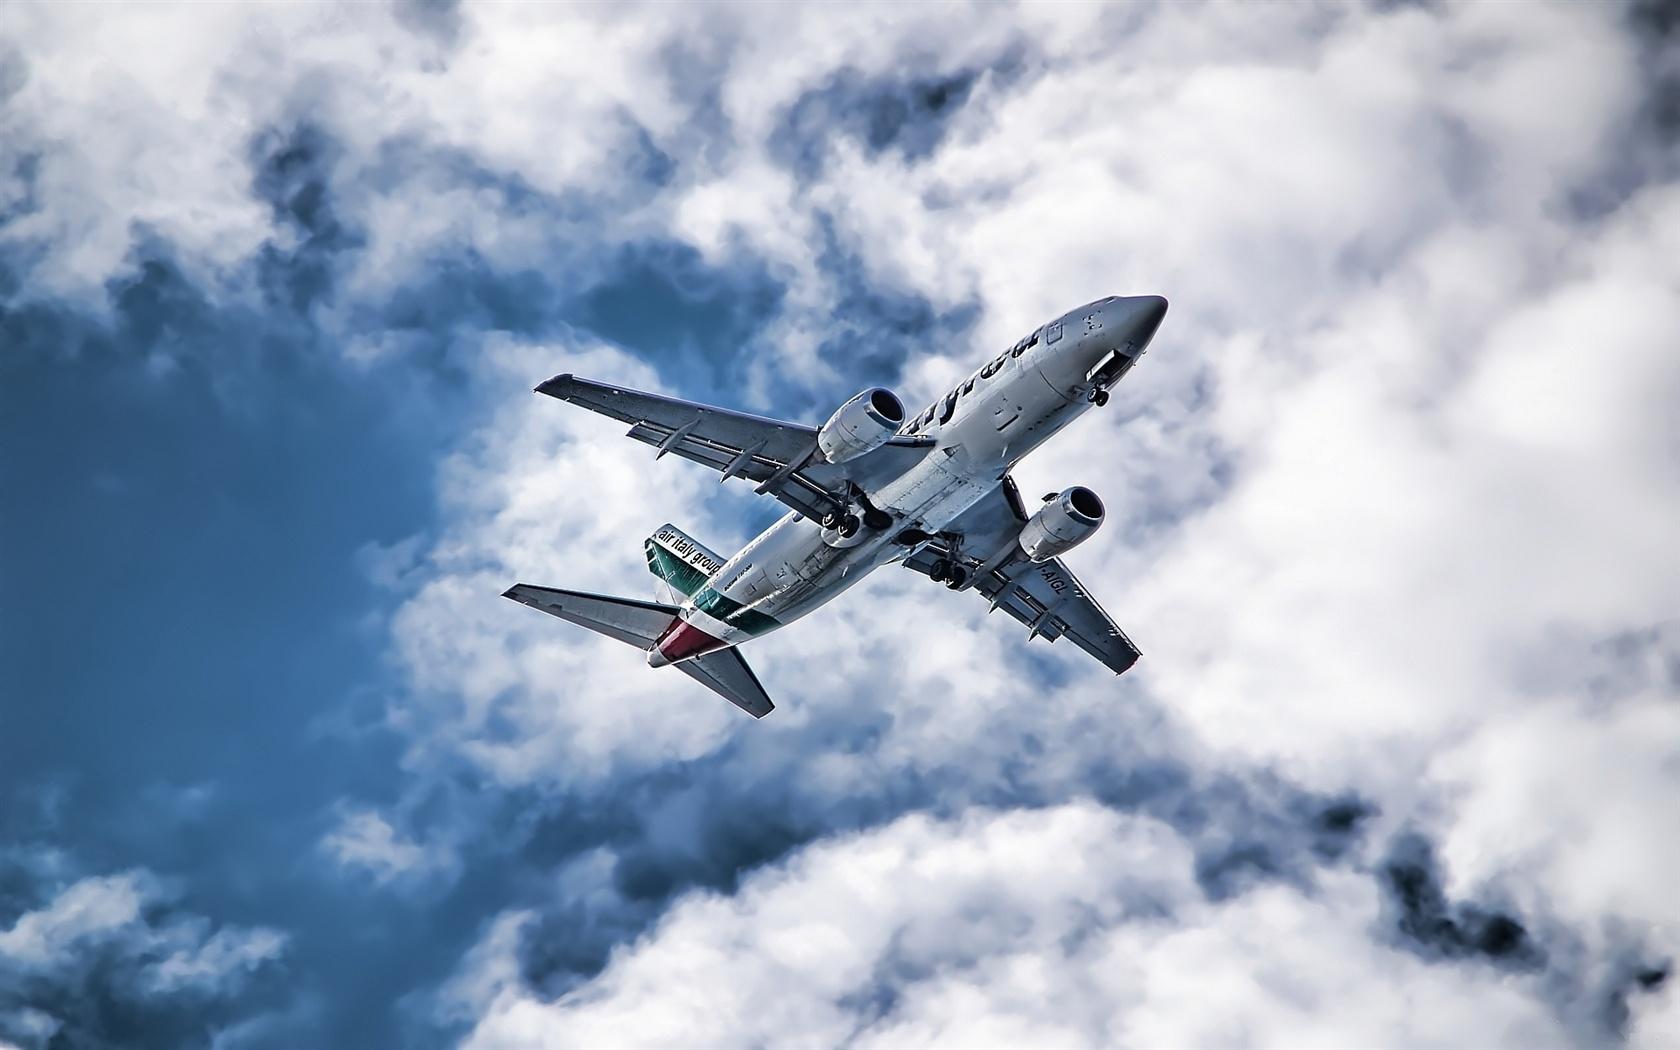 航空機の空写真 壁紙 - 1680x1050   航空機の空写真 壁紙